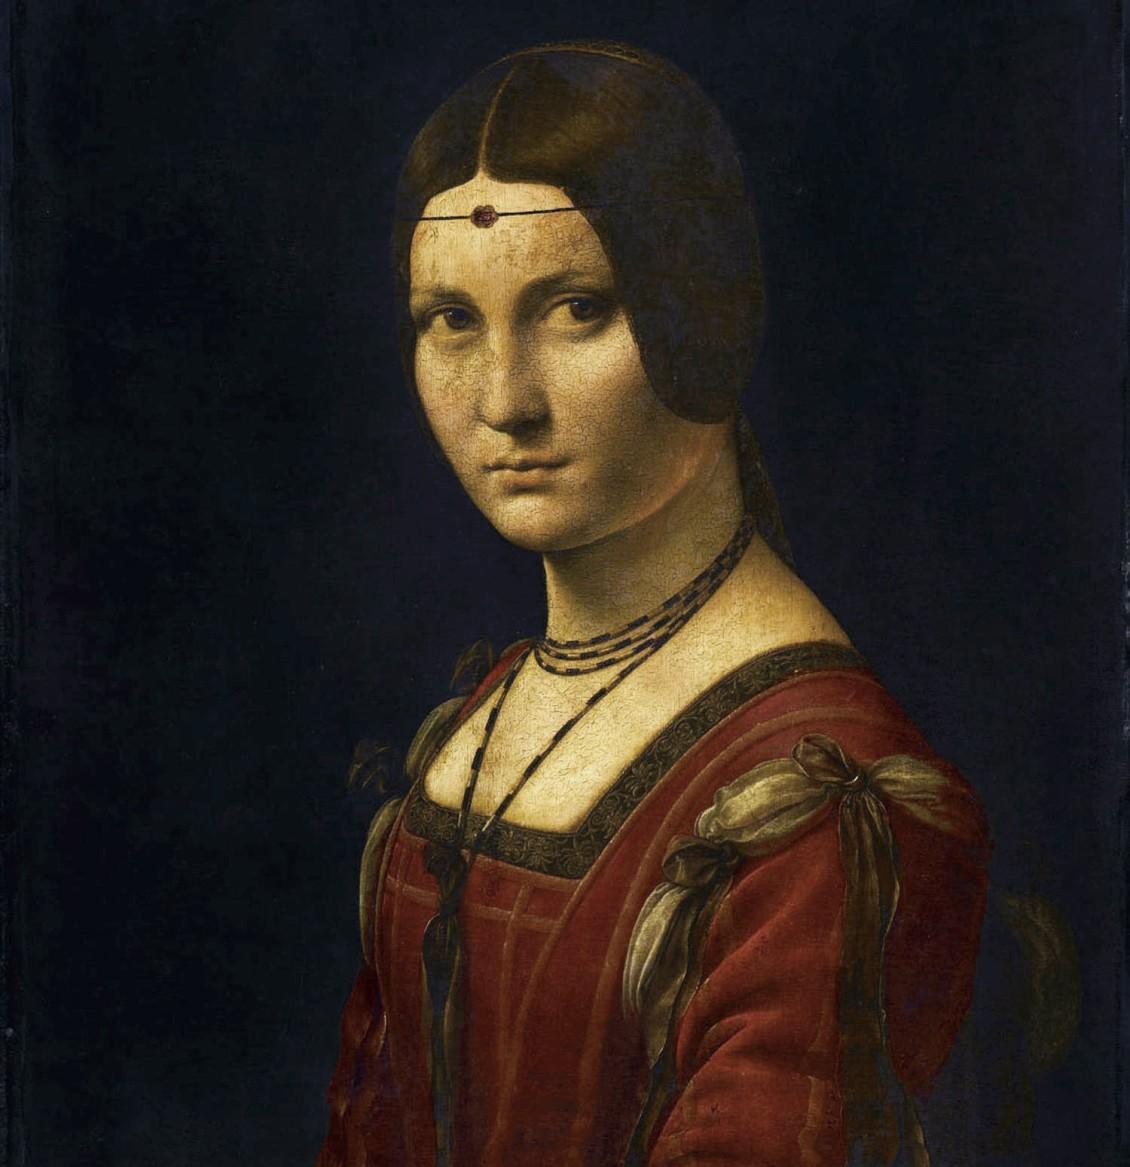 Nem Beatrice volt Dante számára a legfontosabb nő